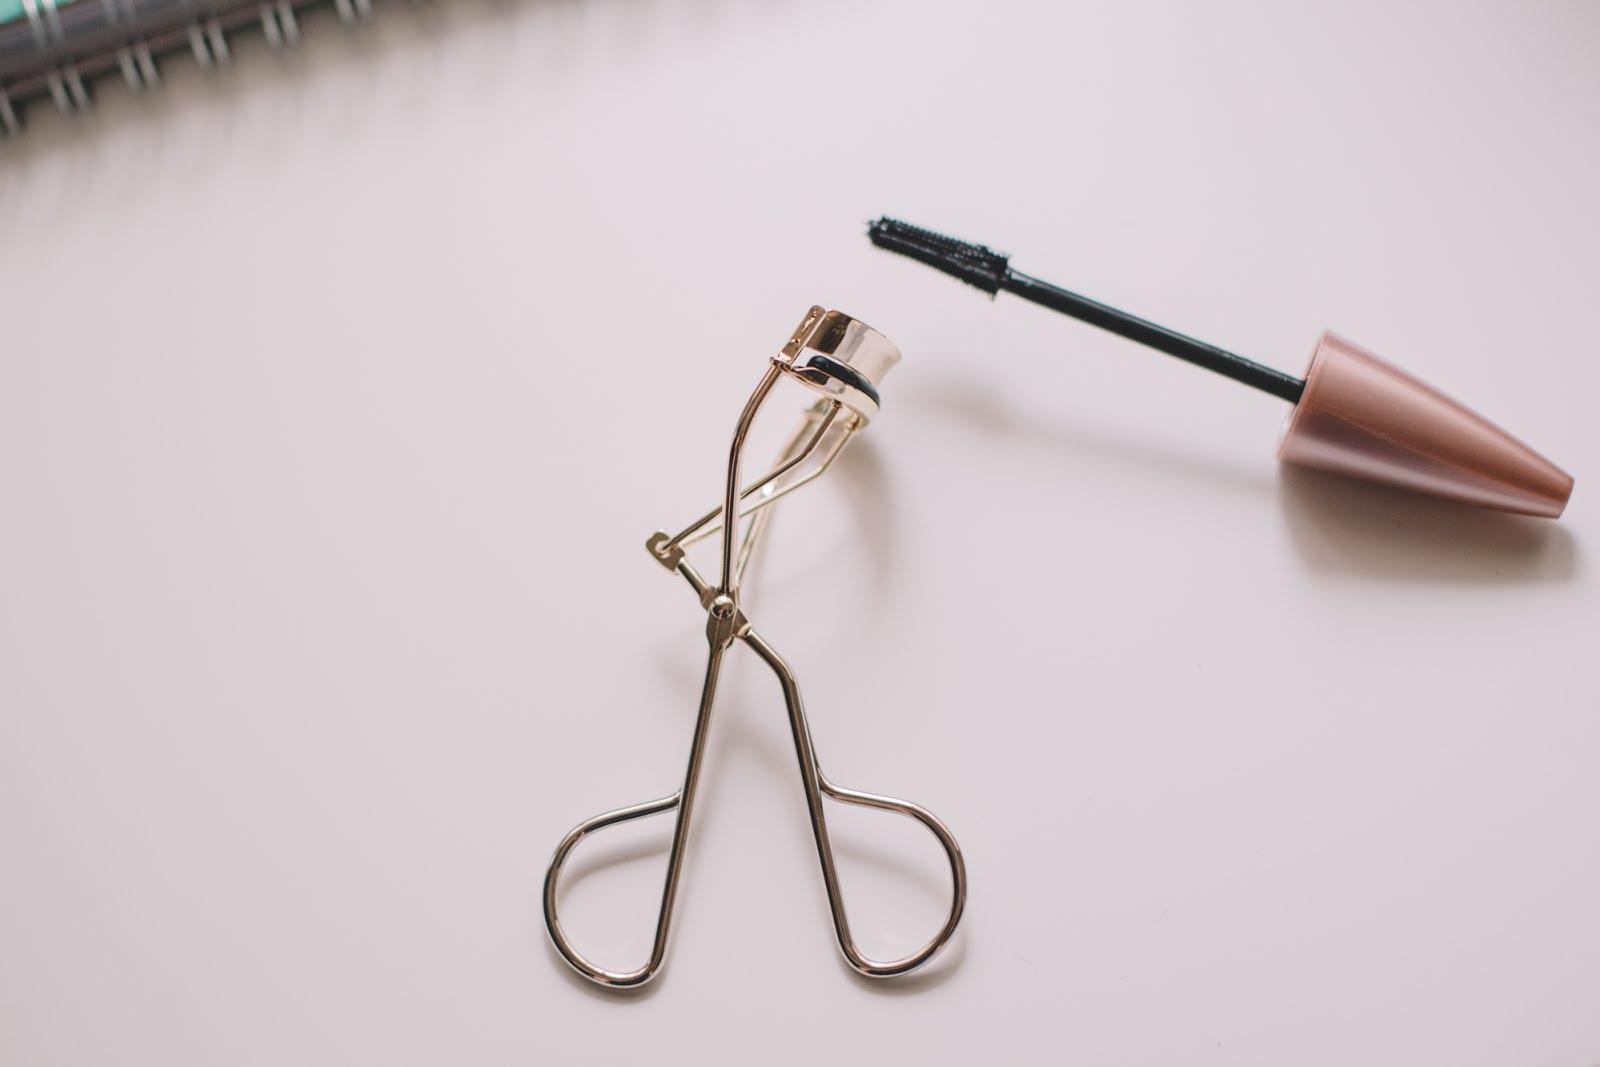 h&m eye lash curler